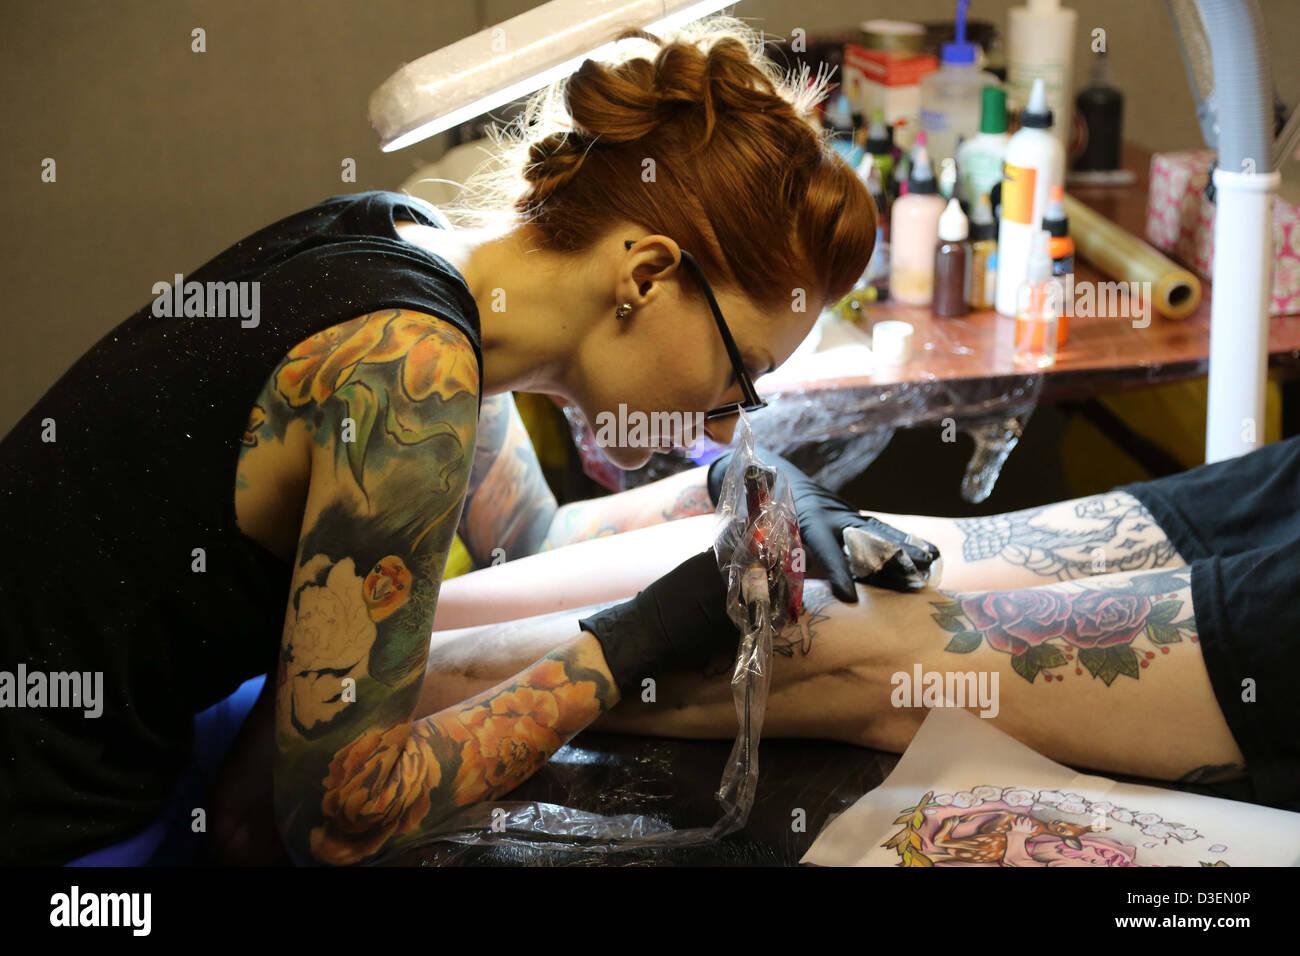 Tatuaggio artista al lavoro Foto Stock